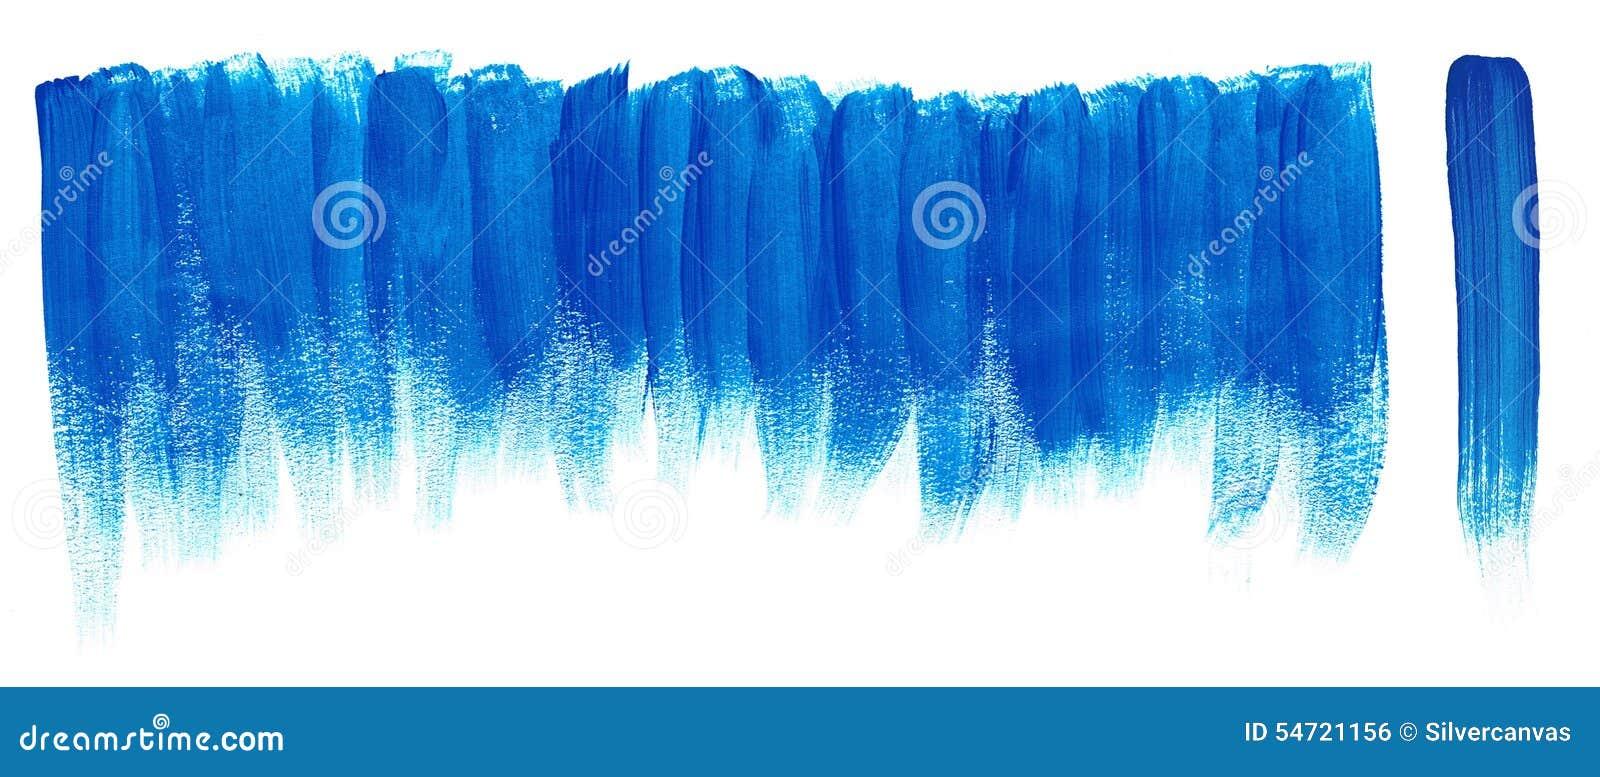 Μπλε κτυπήματα χρωμάτων βουρτσών